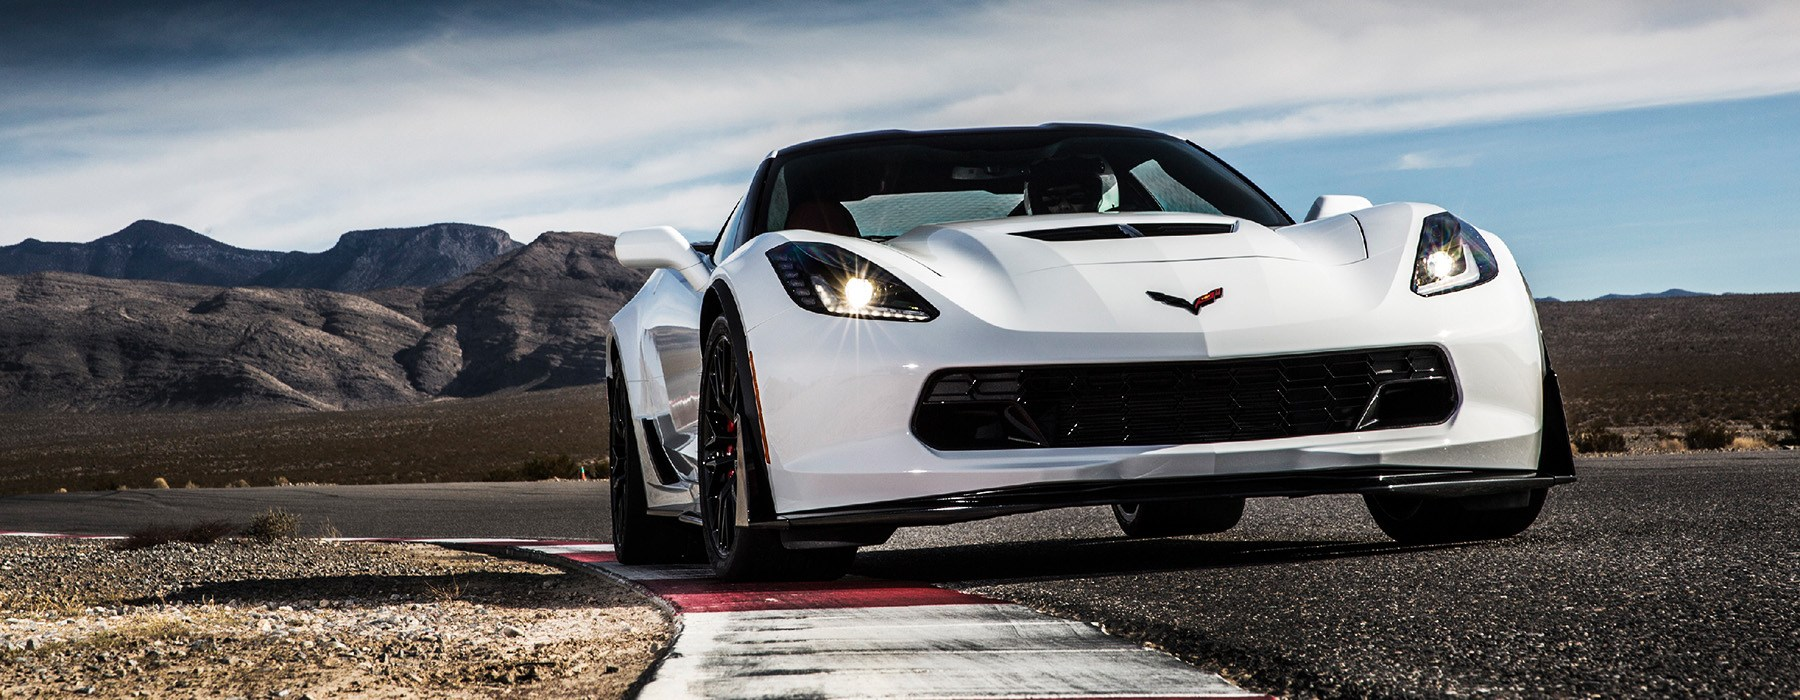 Drive a Corvette C7 Z06